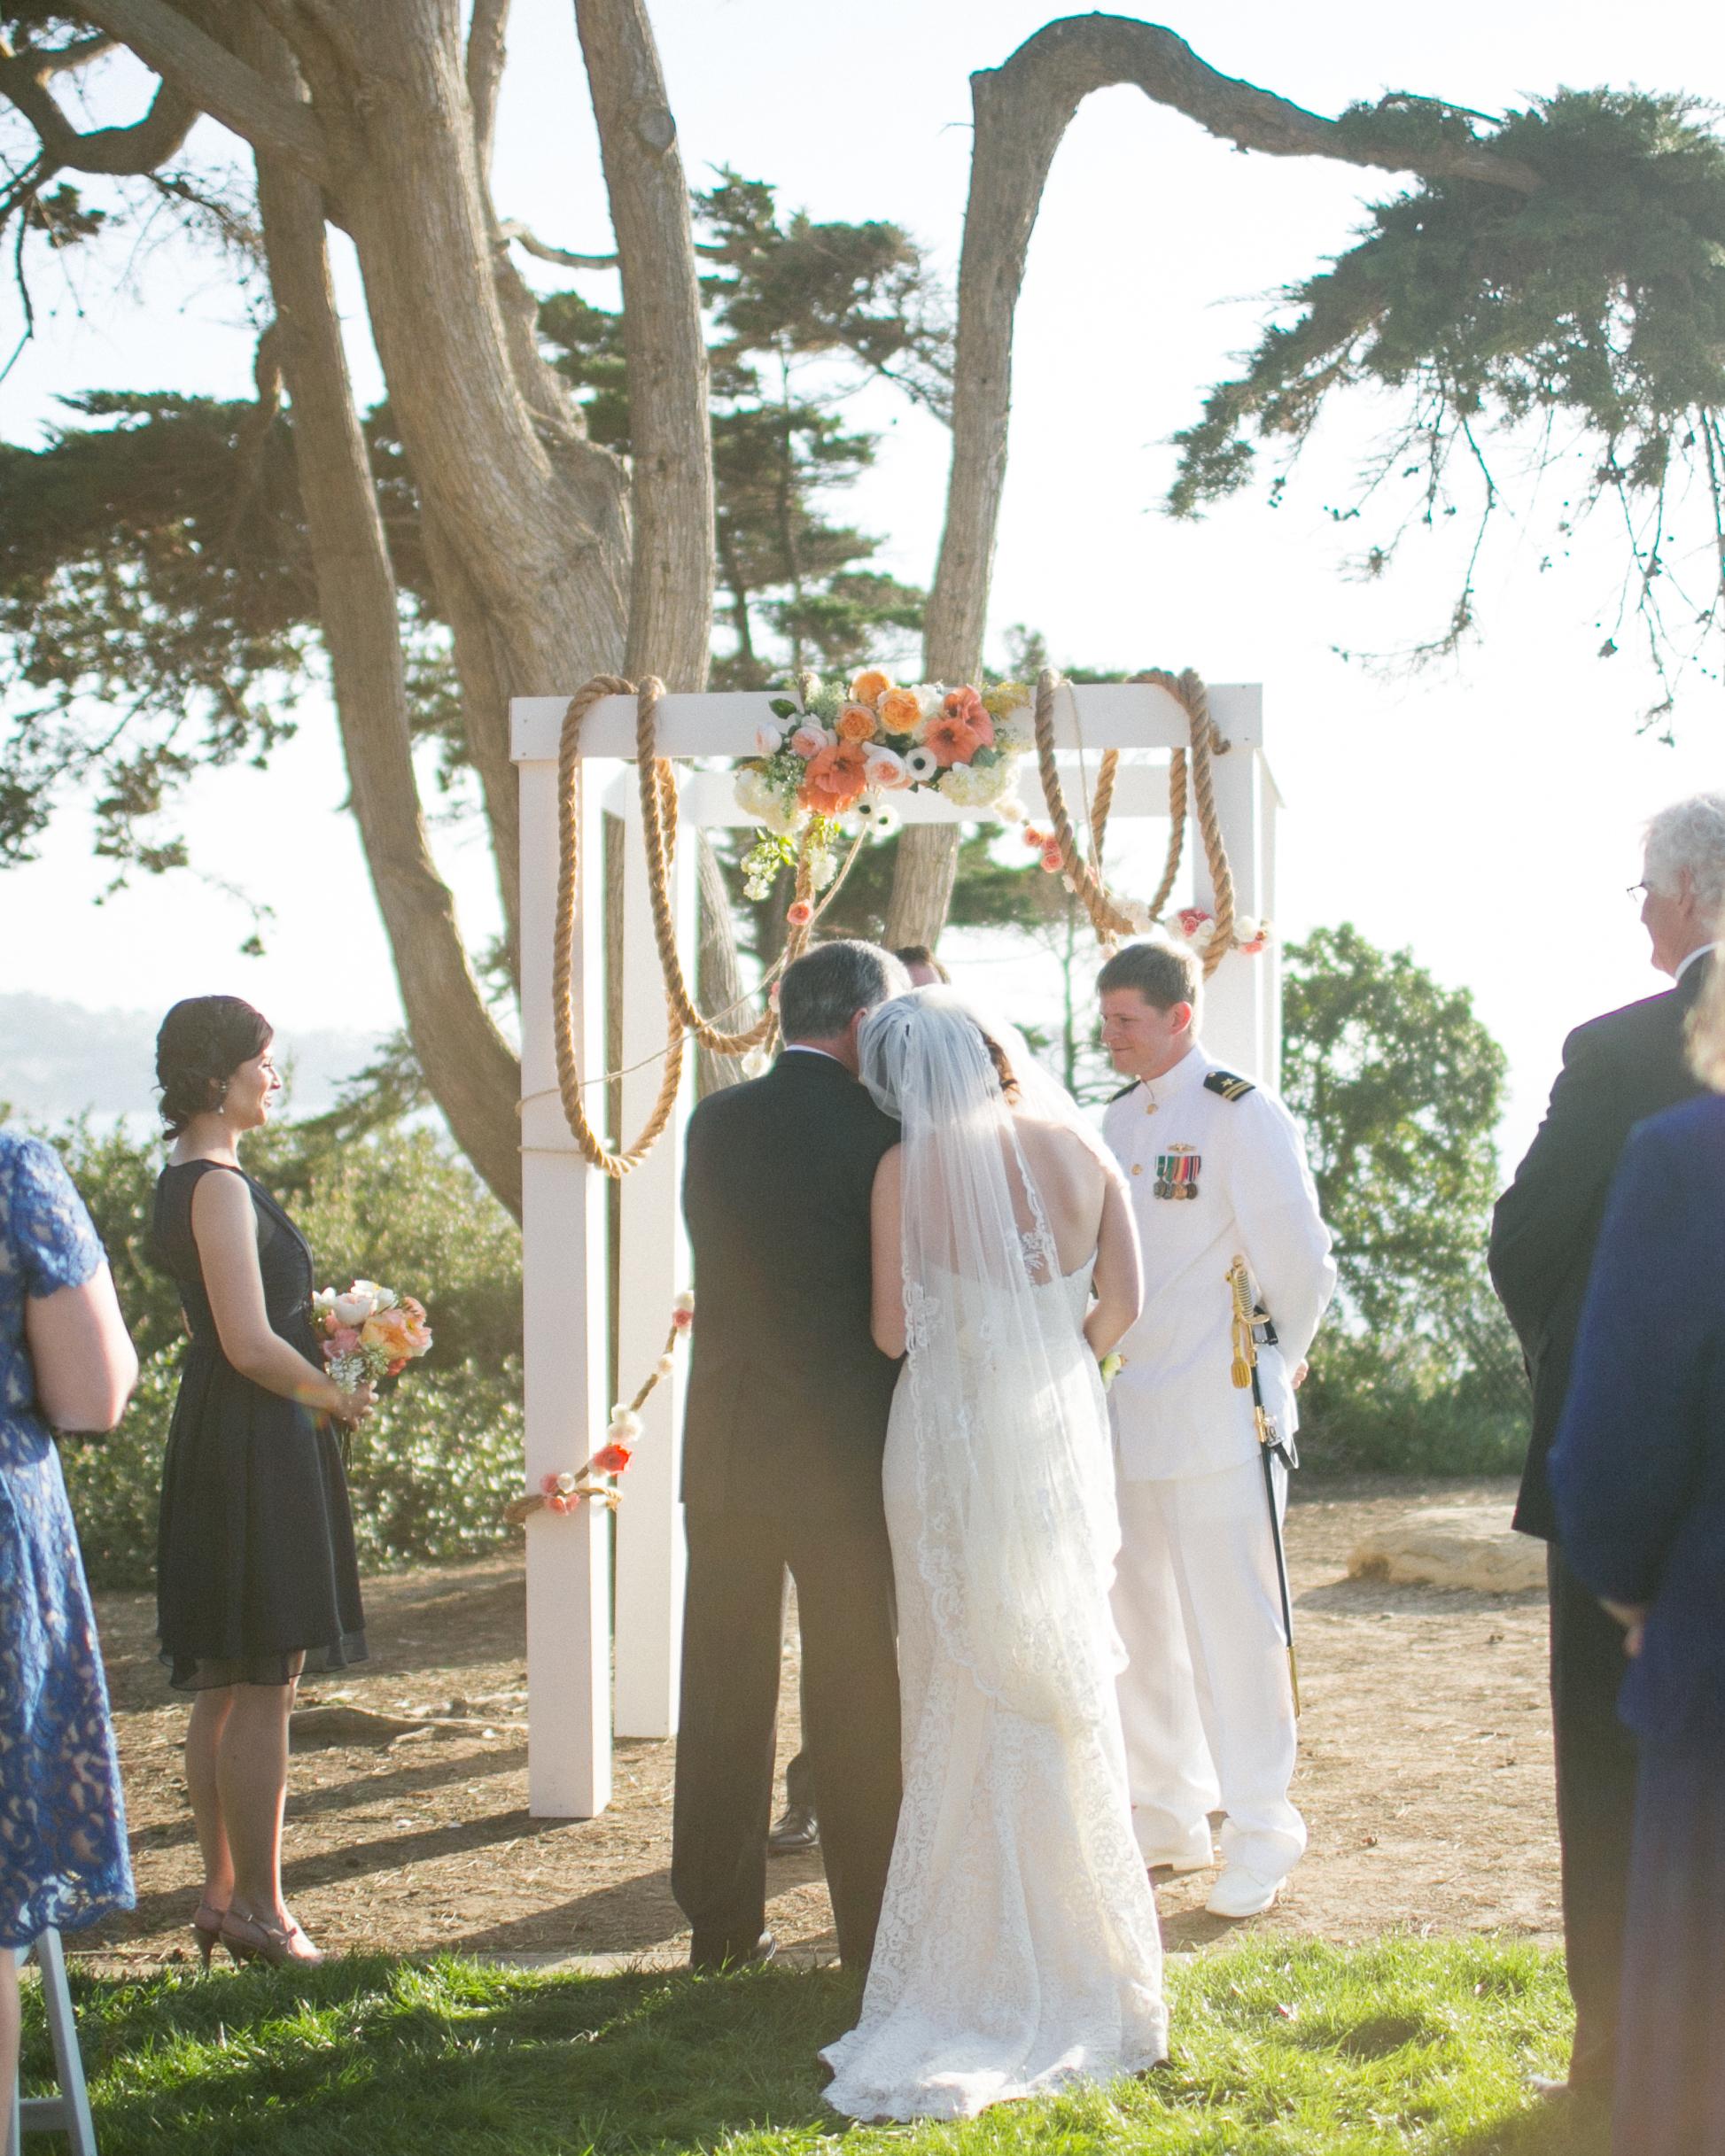 jess-clint-wedding-ceremony-323-s111420-0814.jpg